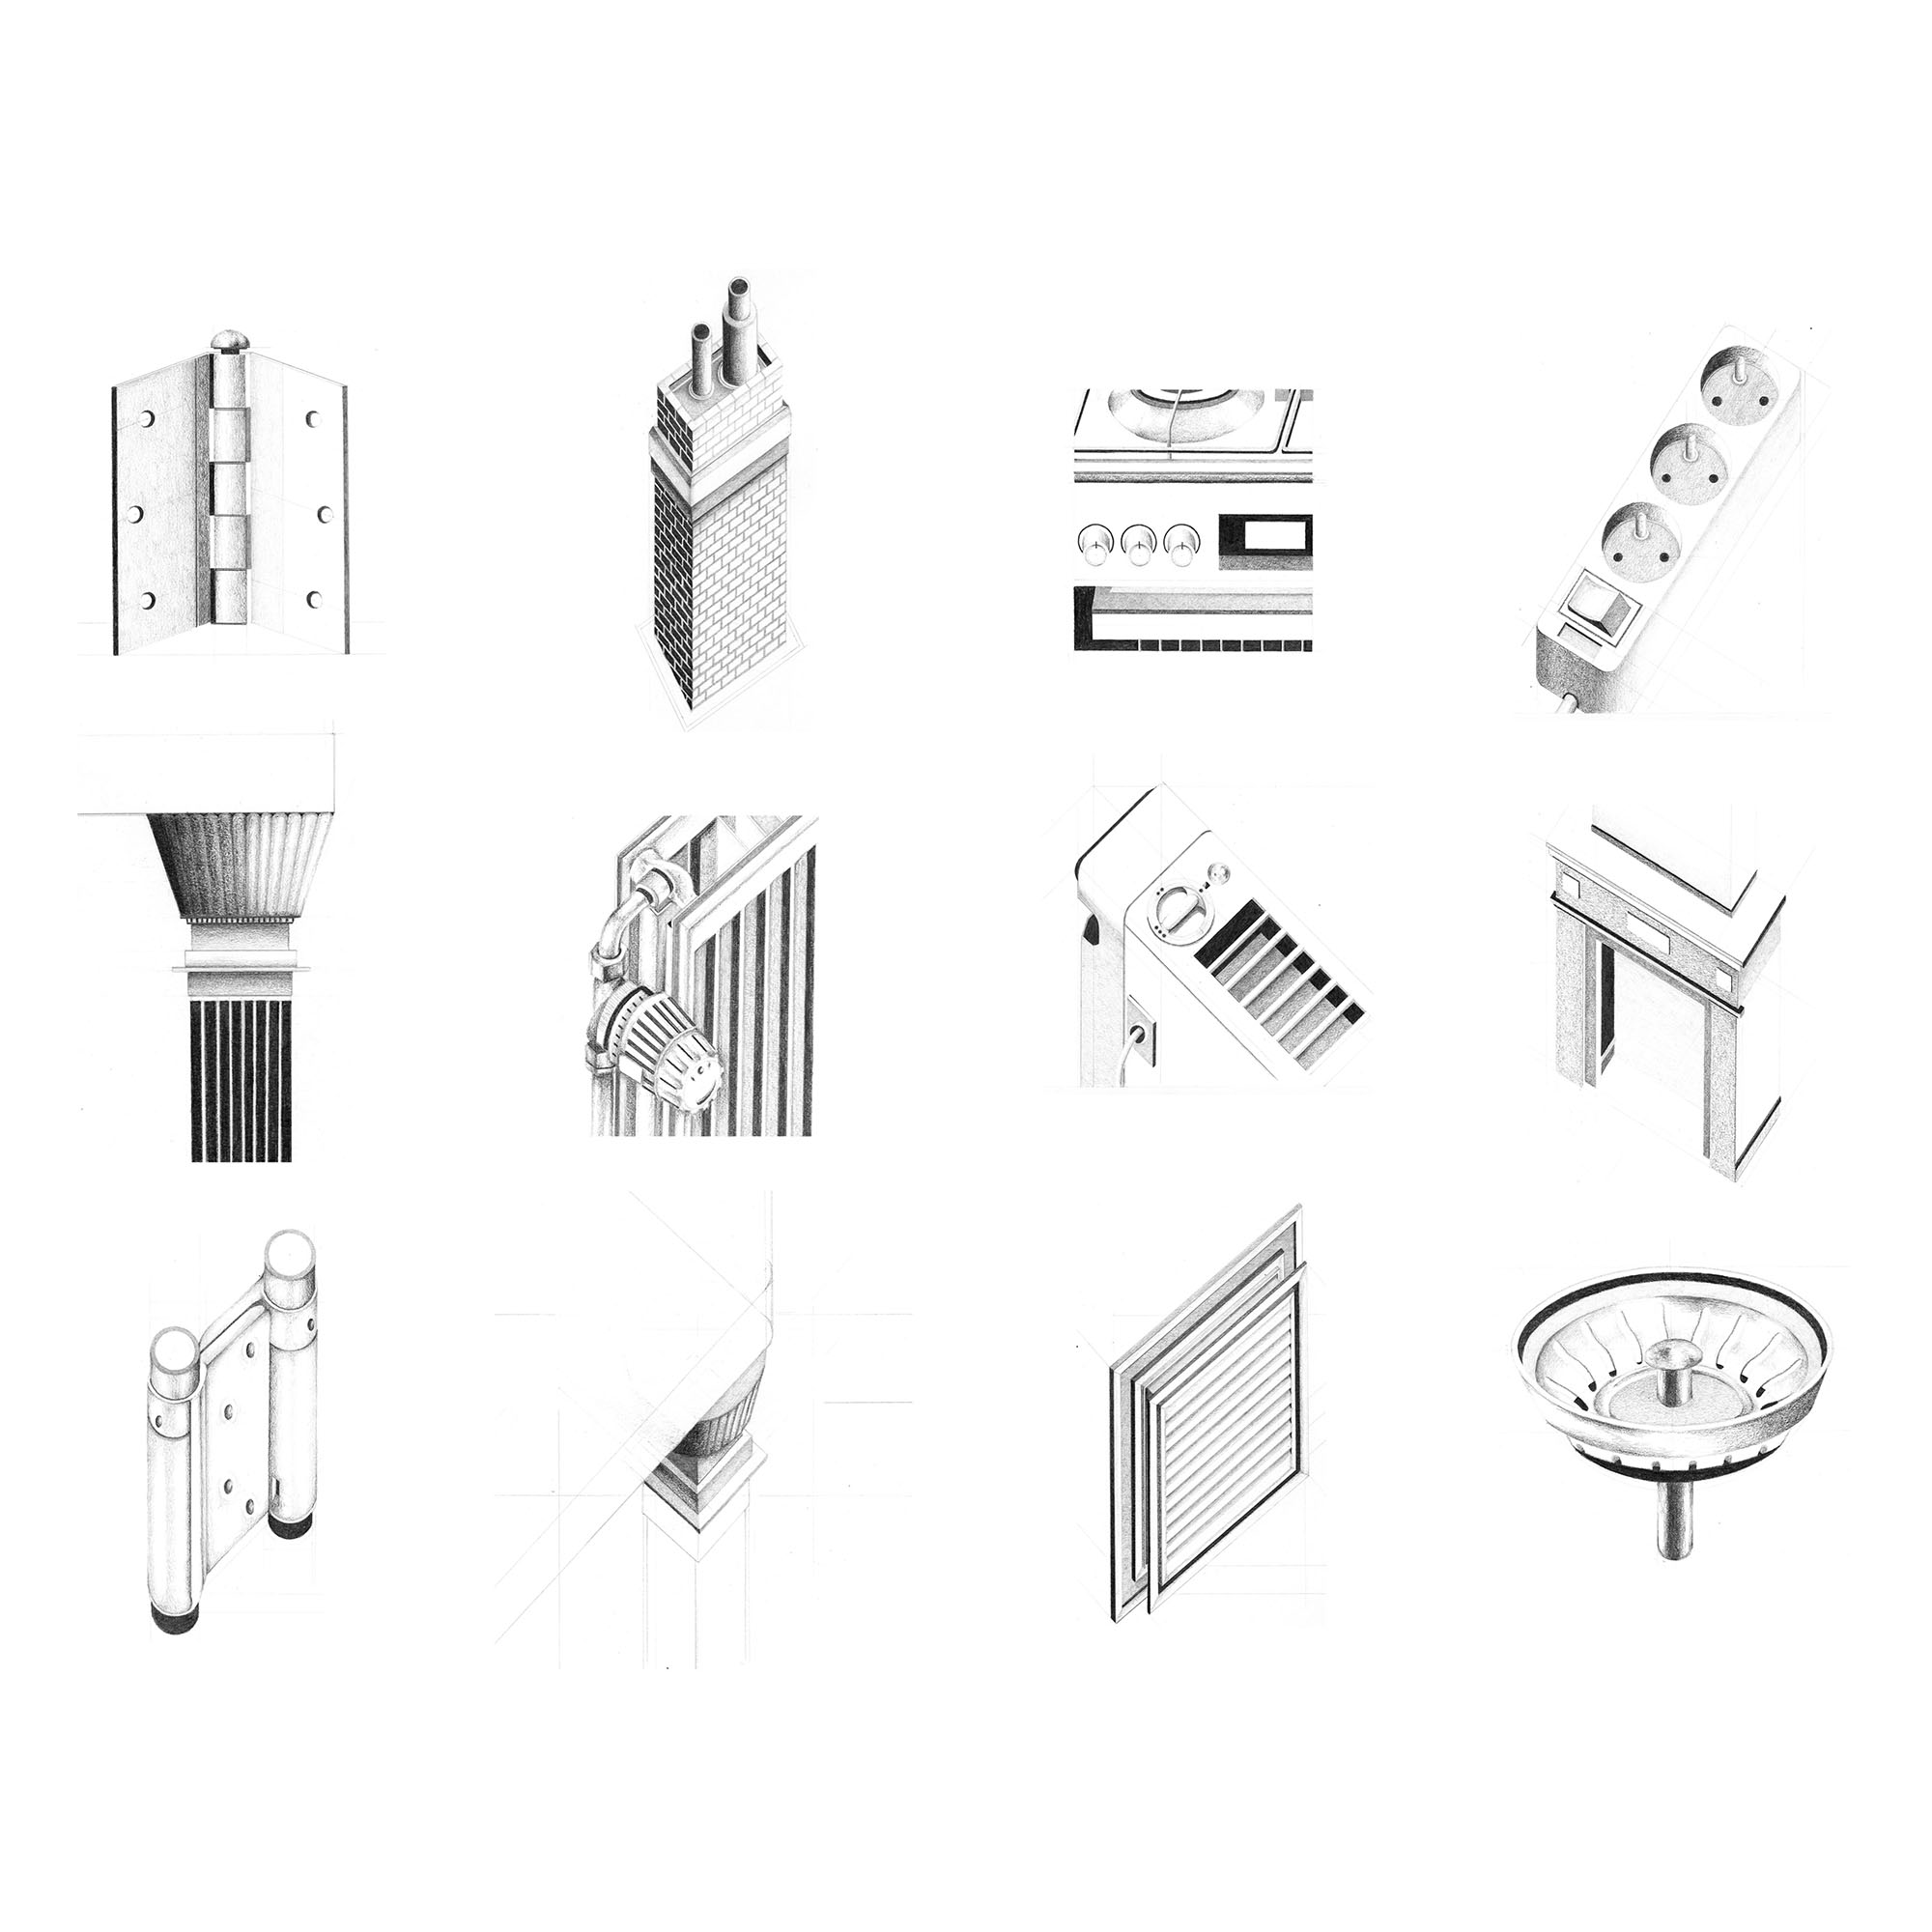 minne_catalogus-beeld